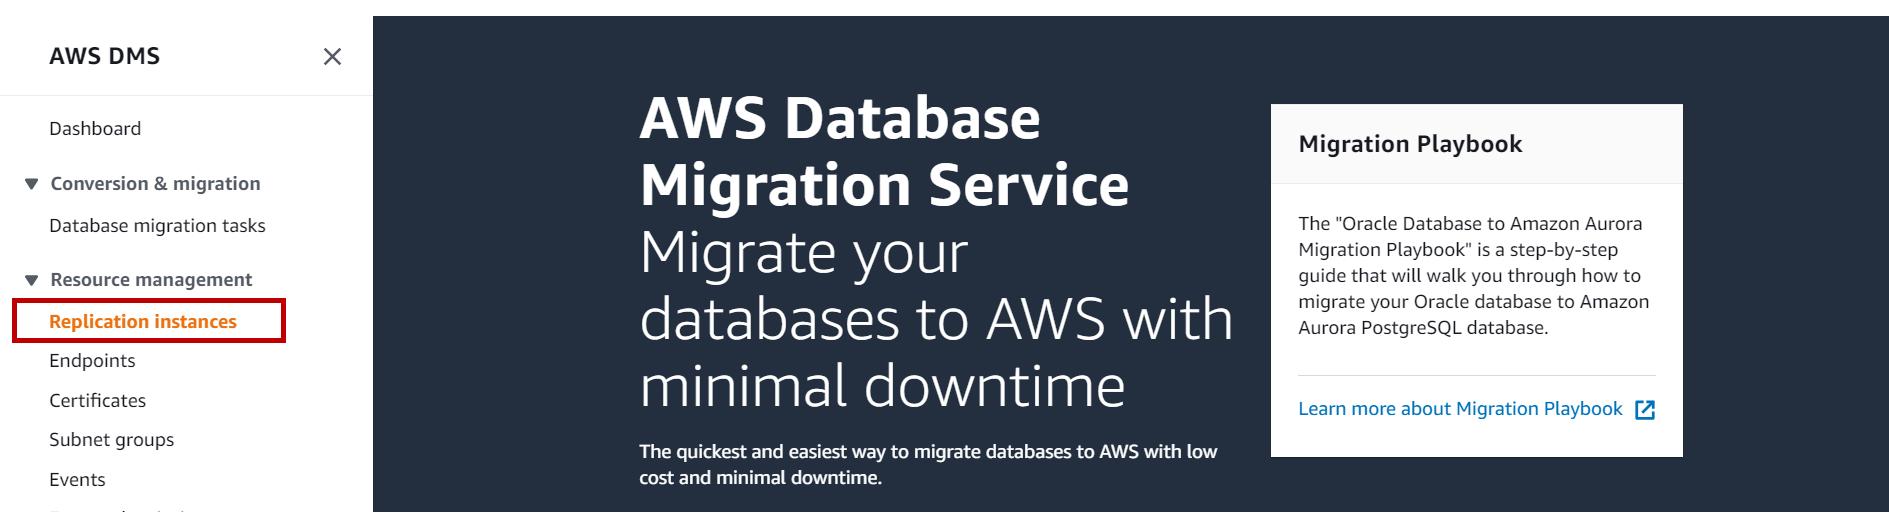 4f80e4e03b129 AWS RDS SQL Server Migration using AWS Database migration service